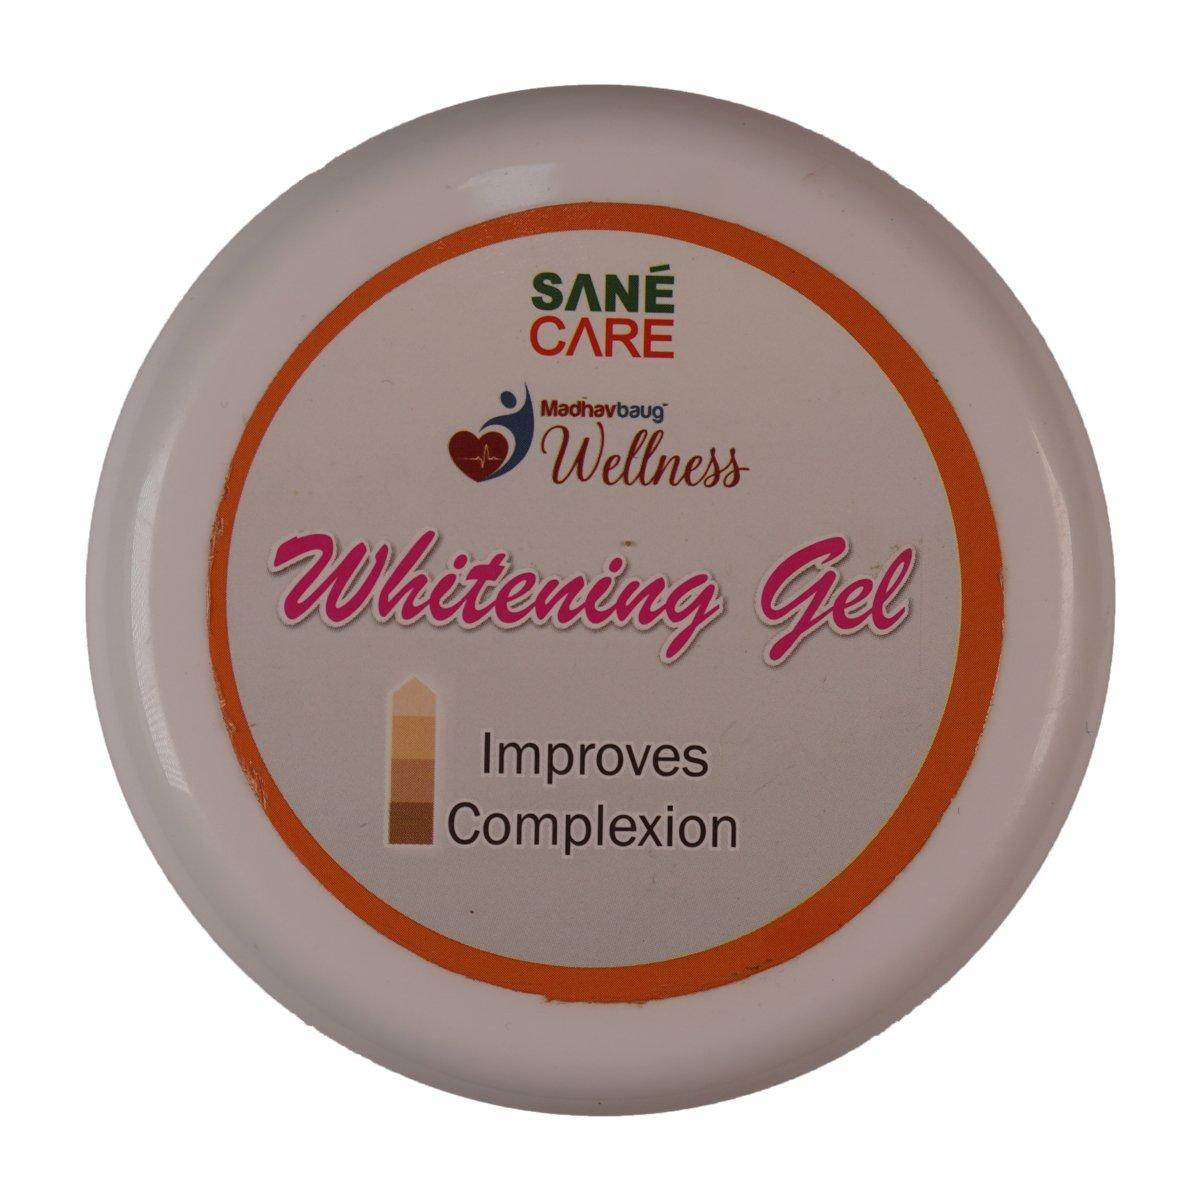 Sane Care Whitining Gel